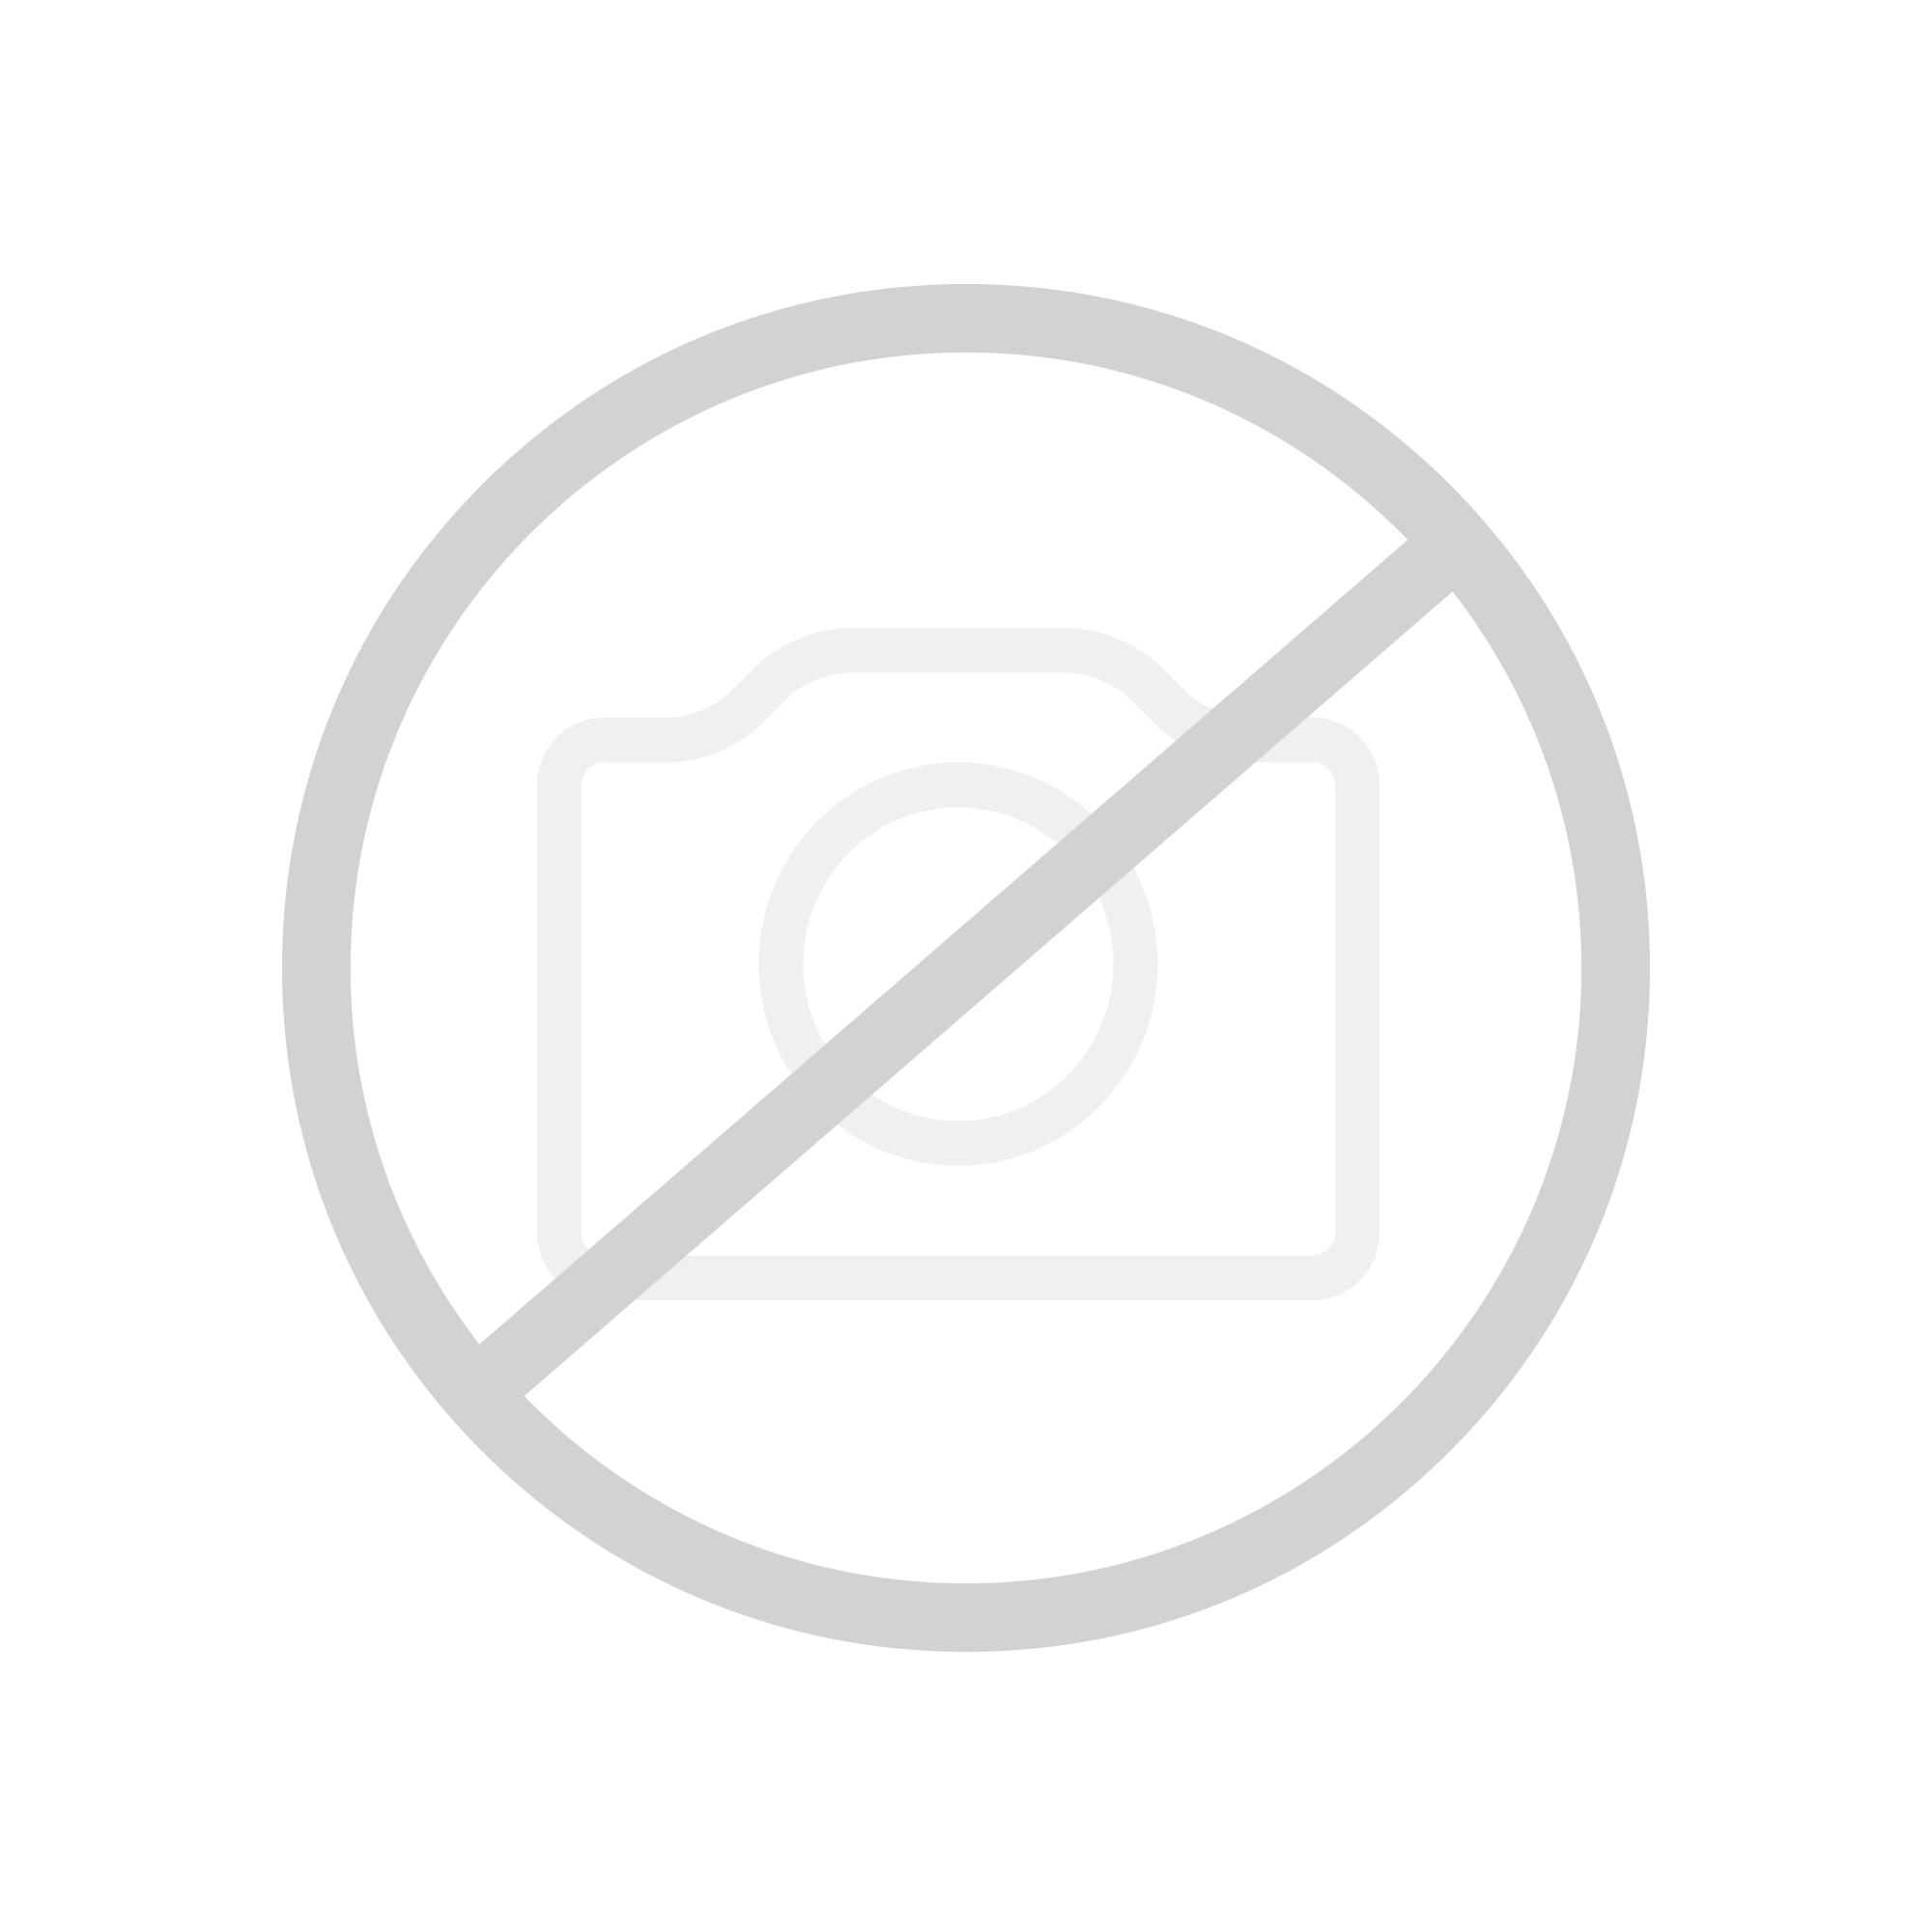 Kaufberatung: Armaturen Für Die Küche | REUTER Magazin